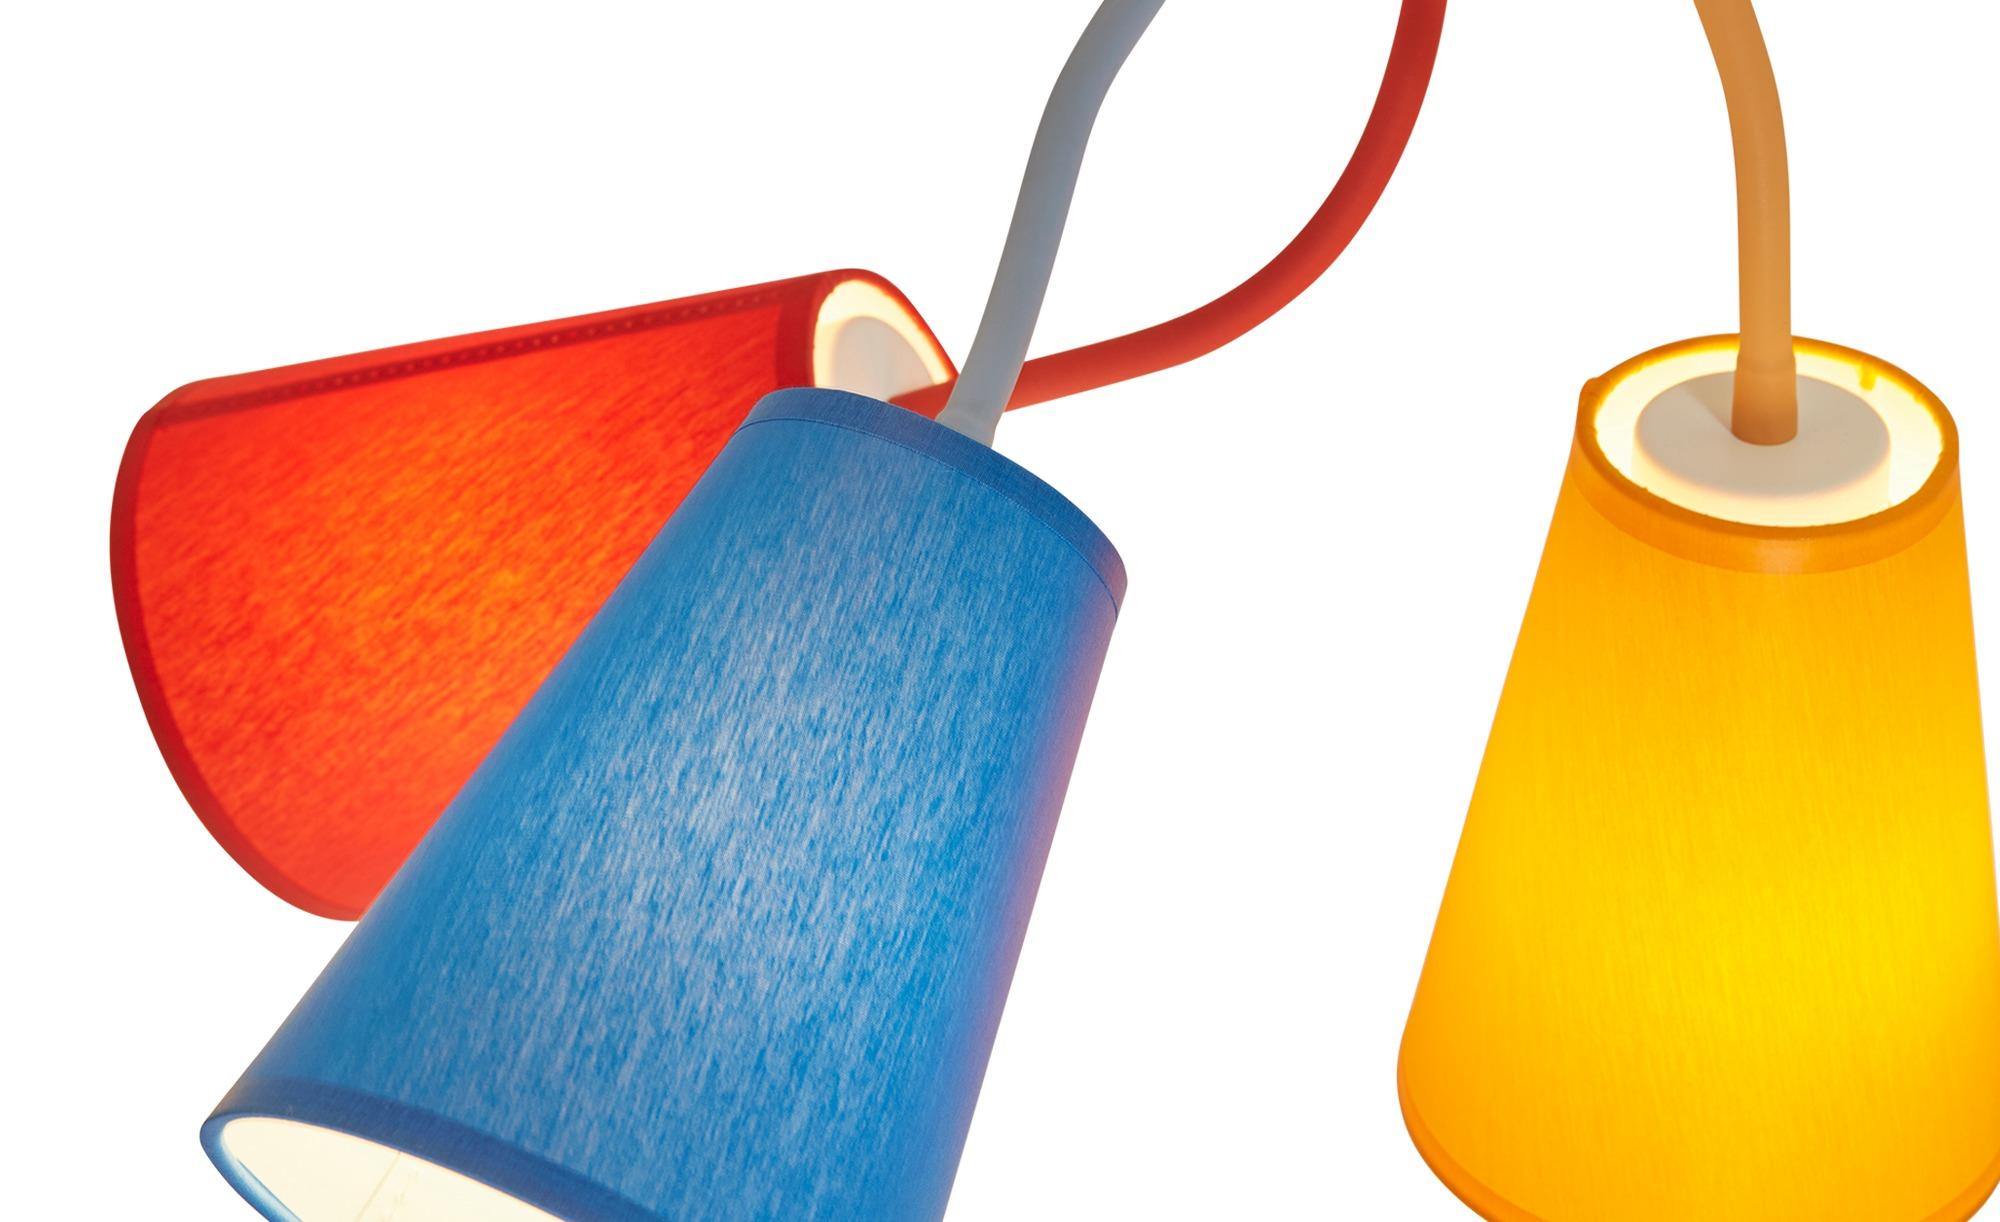 Deckenleuchte, 5-flammig, Schirme bunt ¦ mehrfarbig ¦ Maße (cm): H: 59 Ø: 106 Lampen & Leuchten > Innenleuchten > Deckenleuchten - Höffner